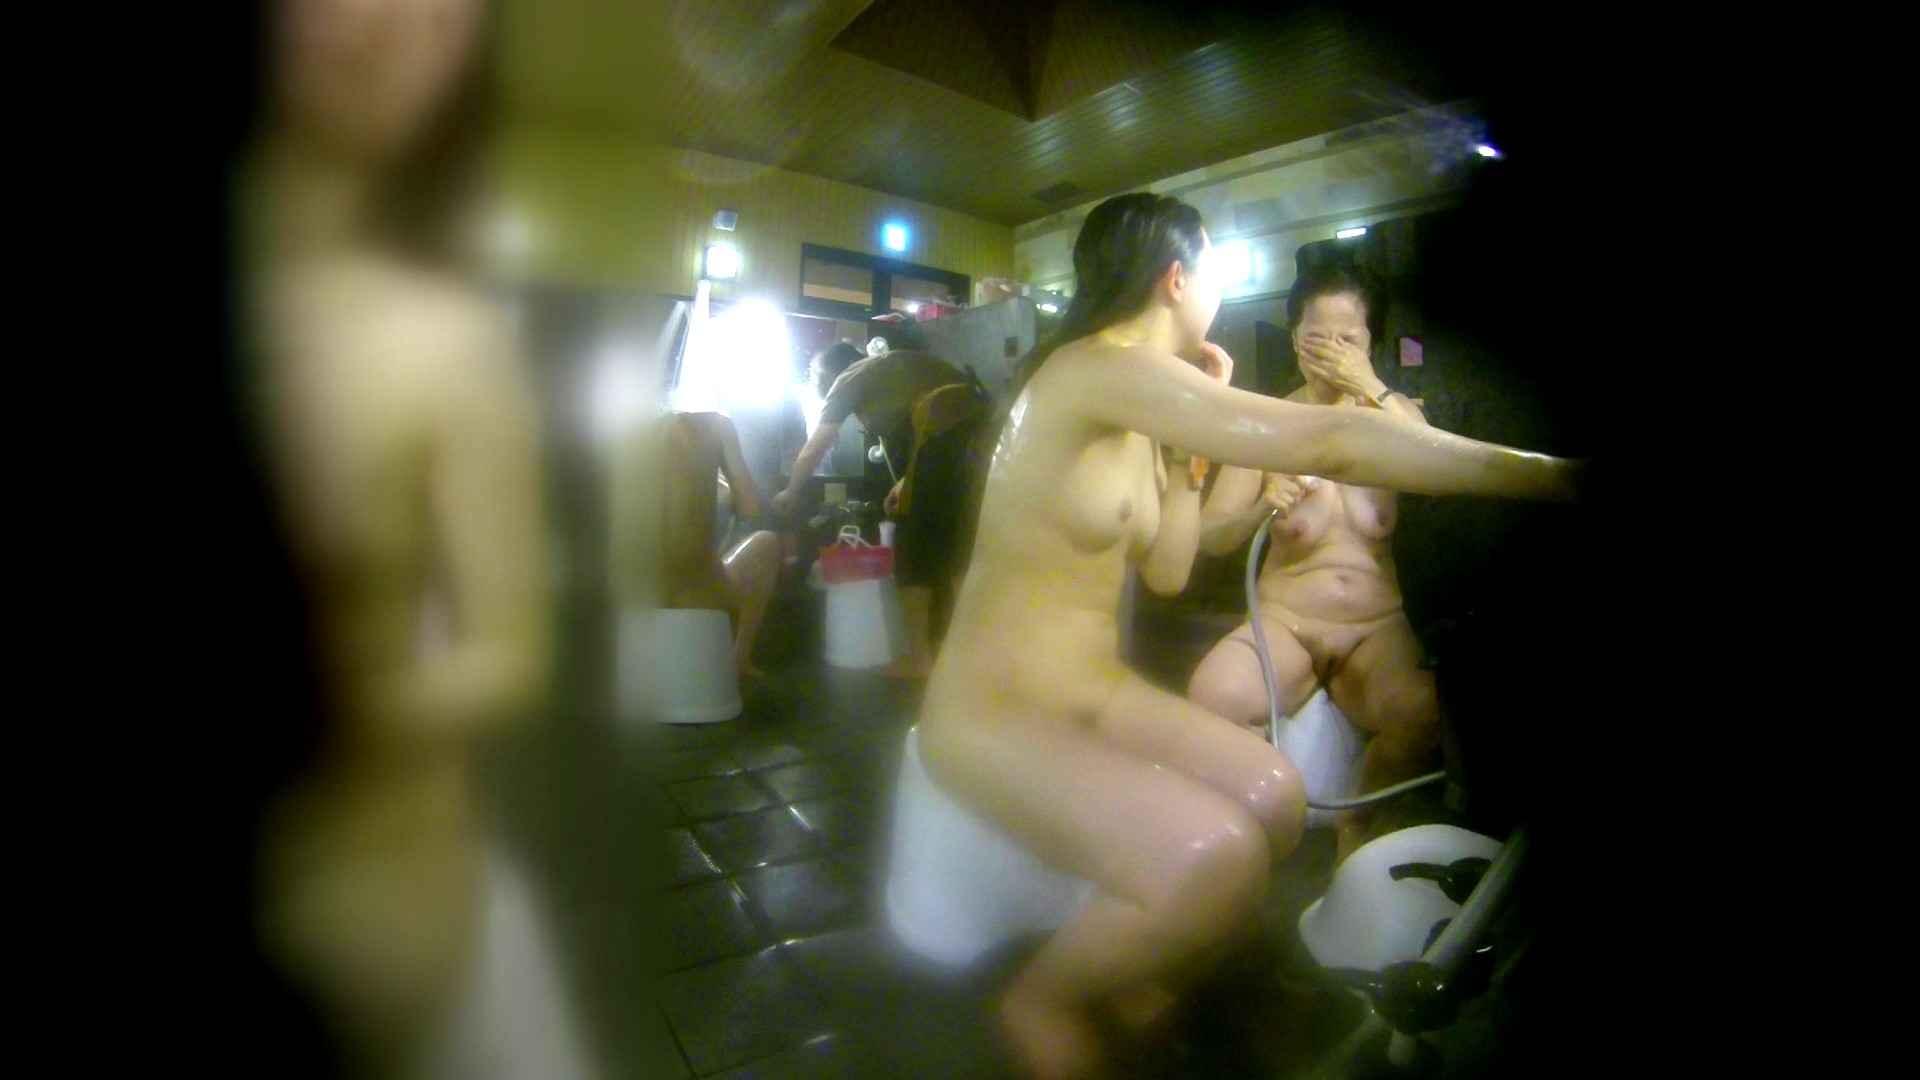 洗い場!右足の位置がいいですね。陰毛もっさり! 美肌 オメコ動画キャプチャ 107枚 10